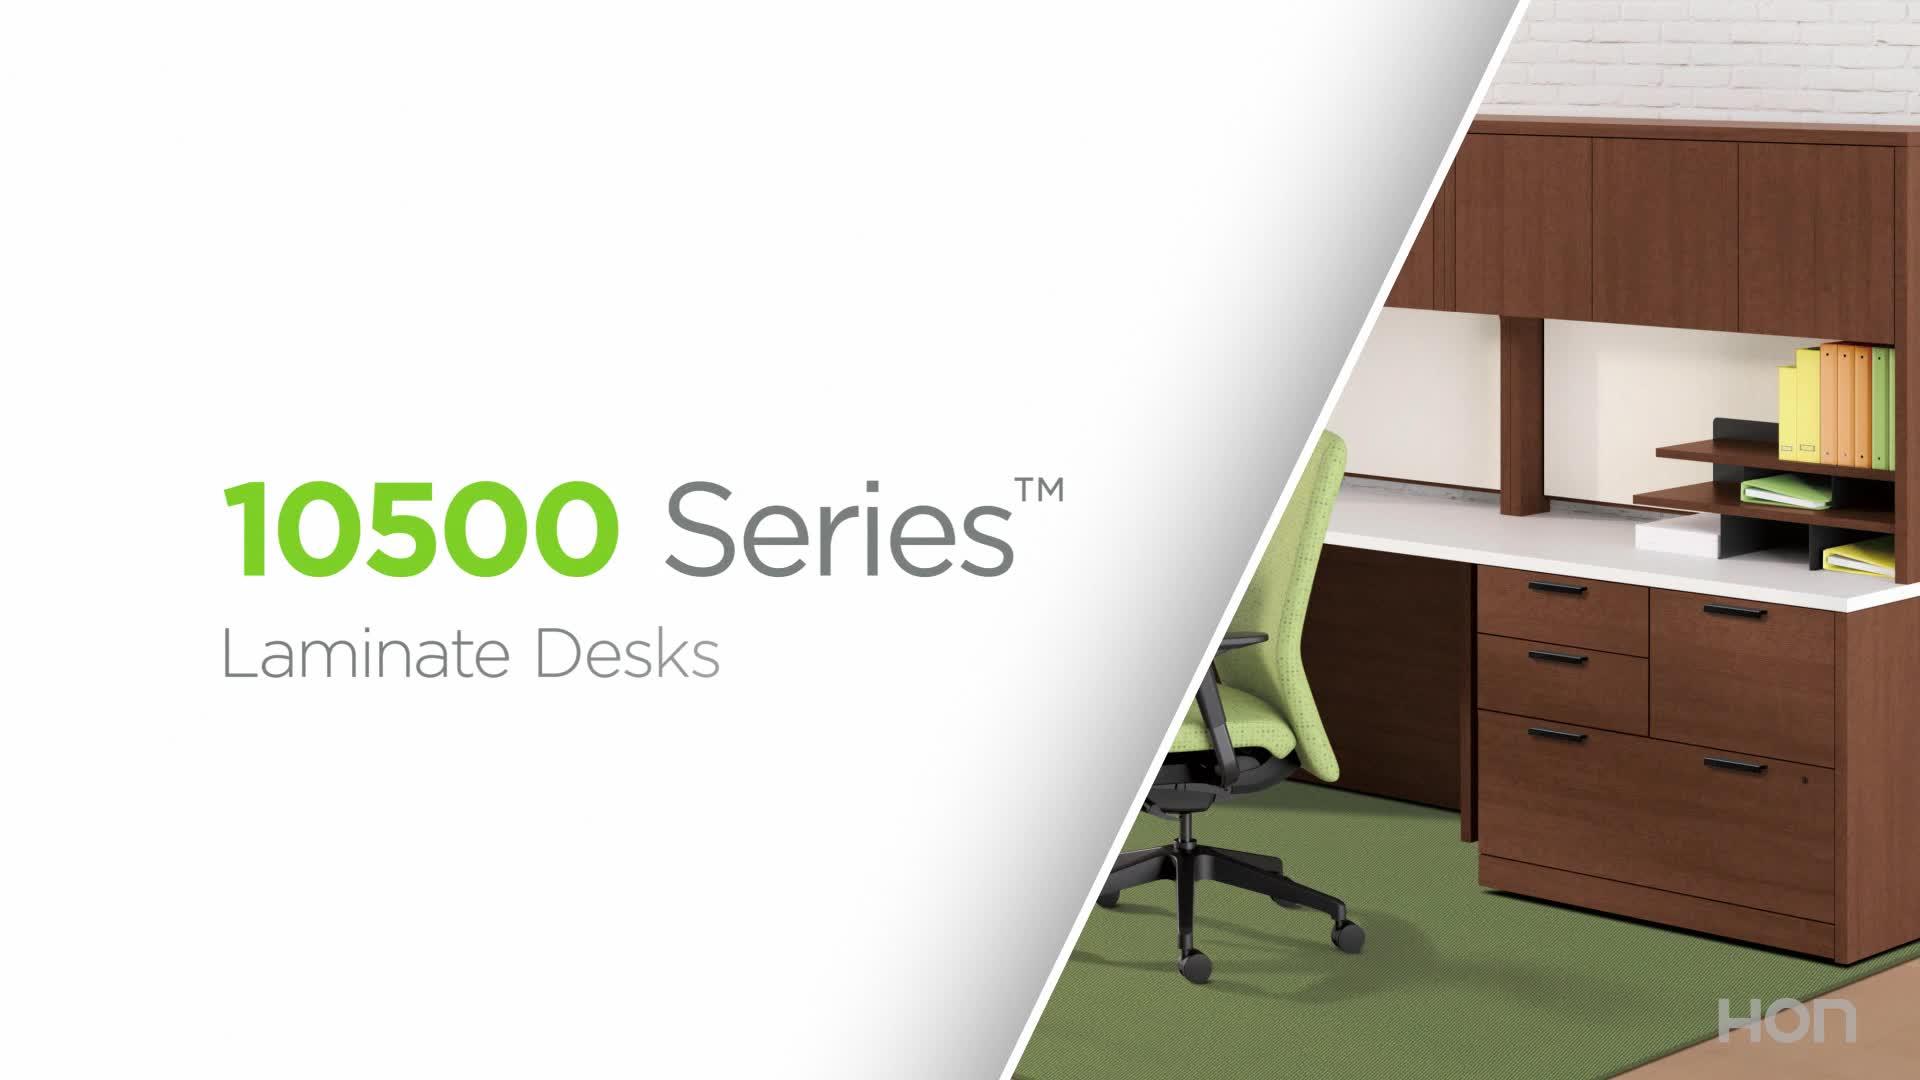 10500 Series Video video link